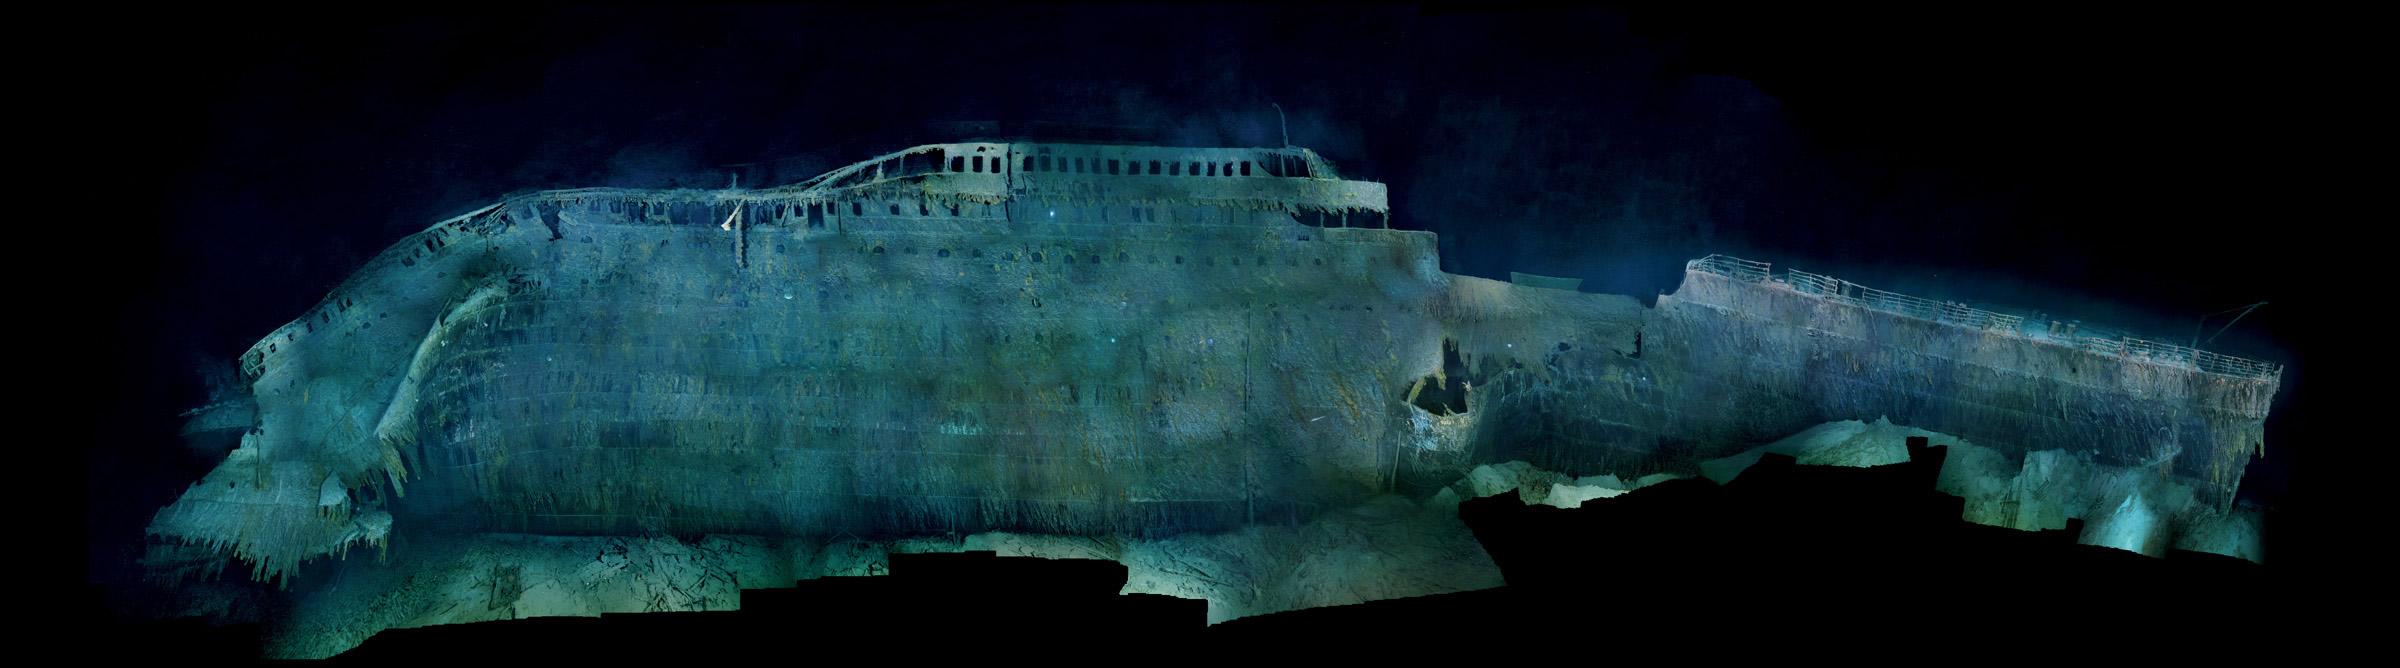 Excellent Le Titanic au fond de l'océan 2400 x 668 · 261 kB · jpeg